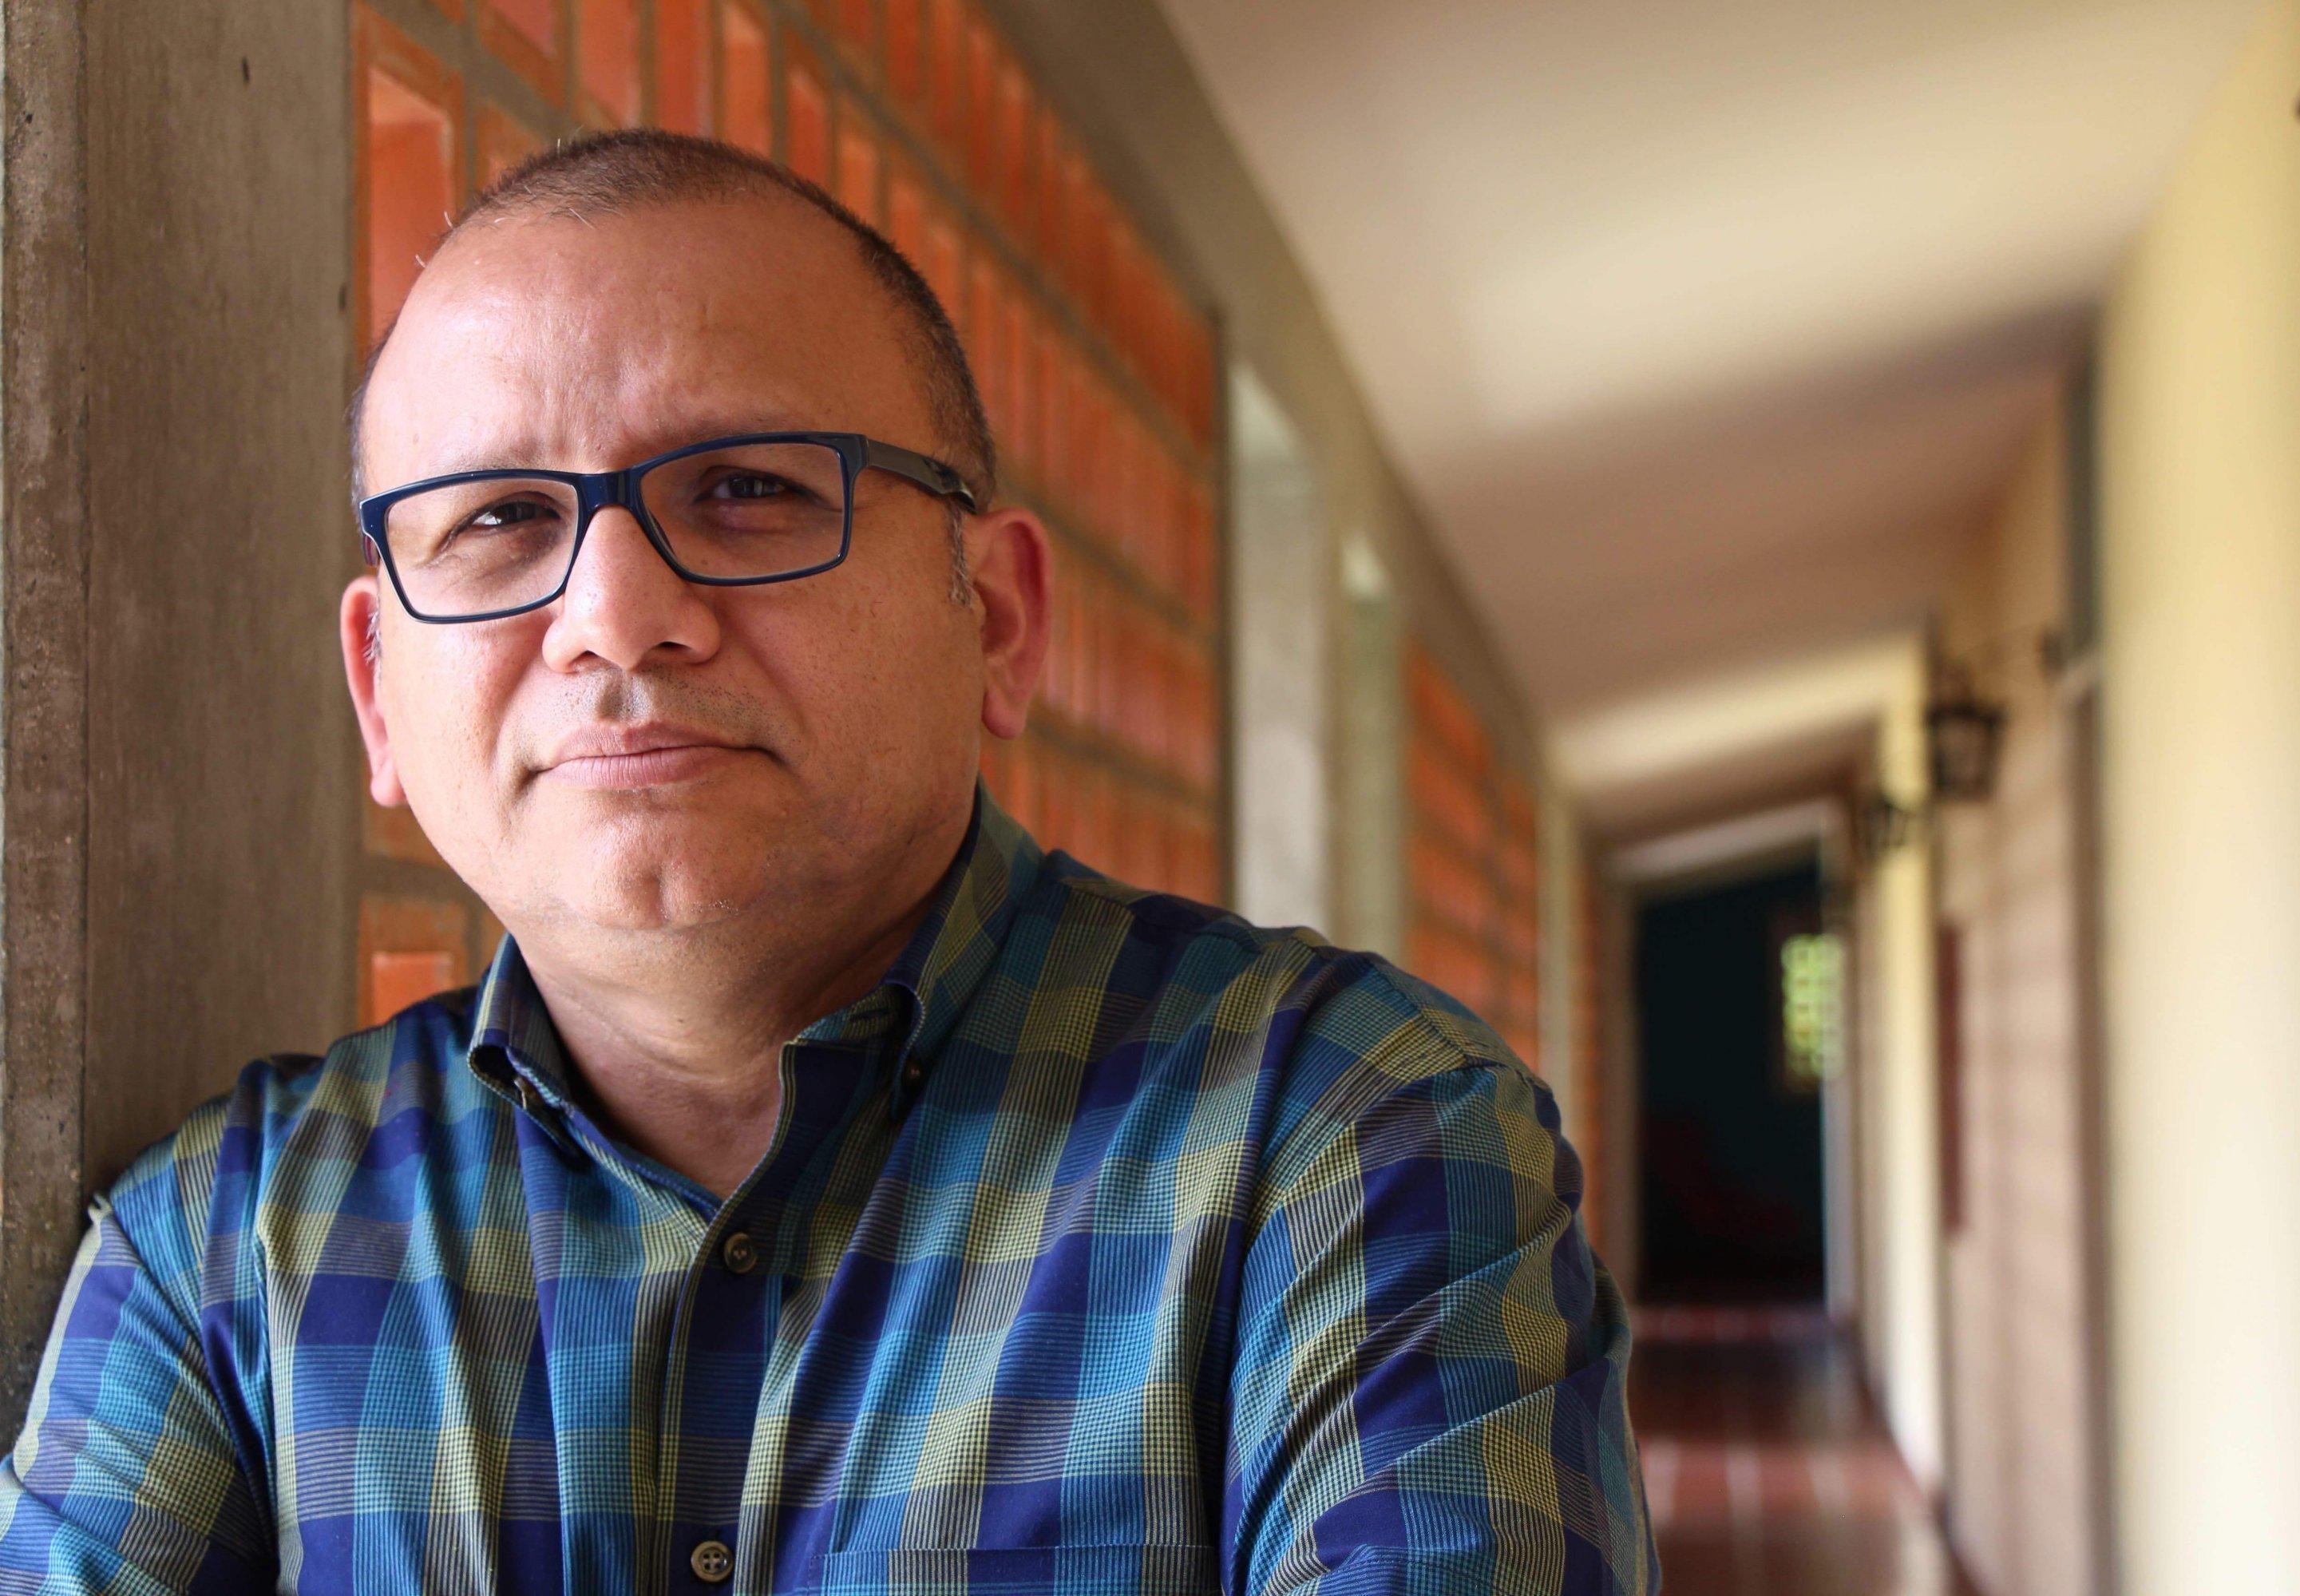 Porträt eines rund 50-jährigen Mannes mit rundem Gesicht, Glatze und Brille.